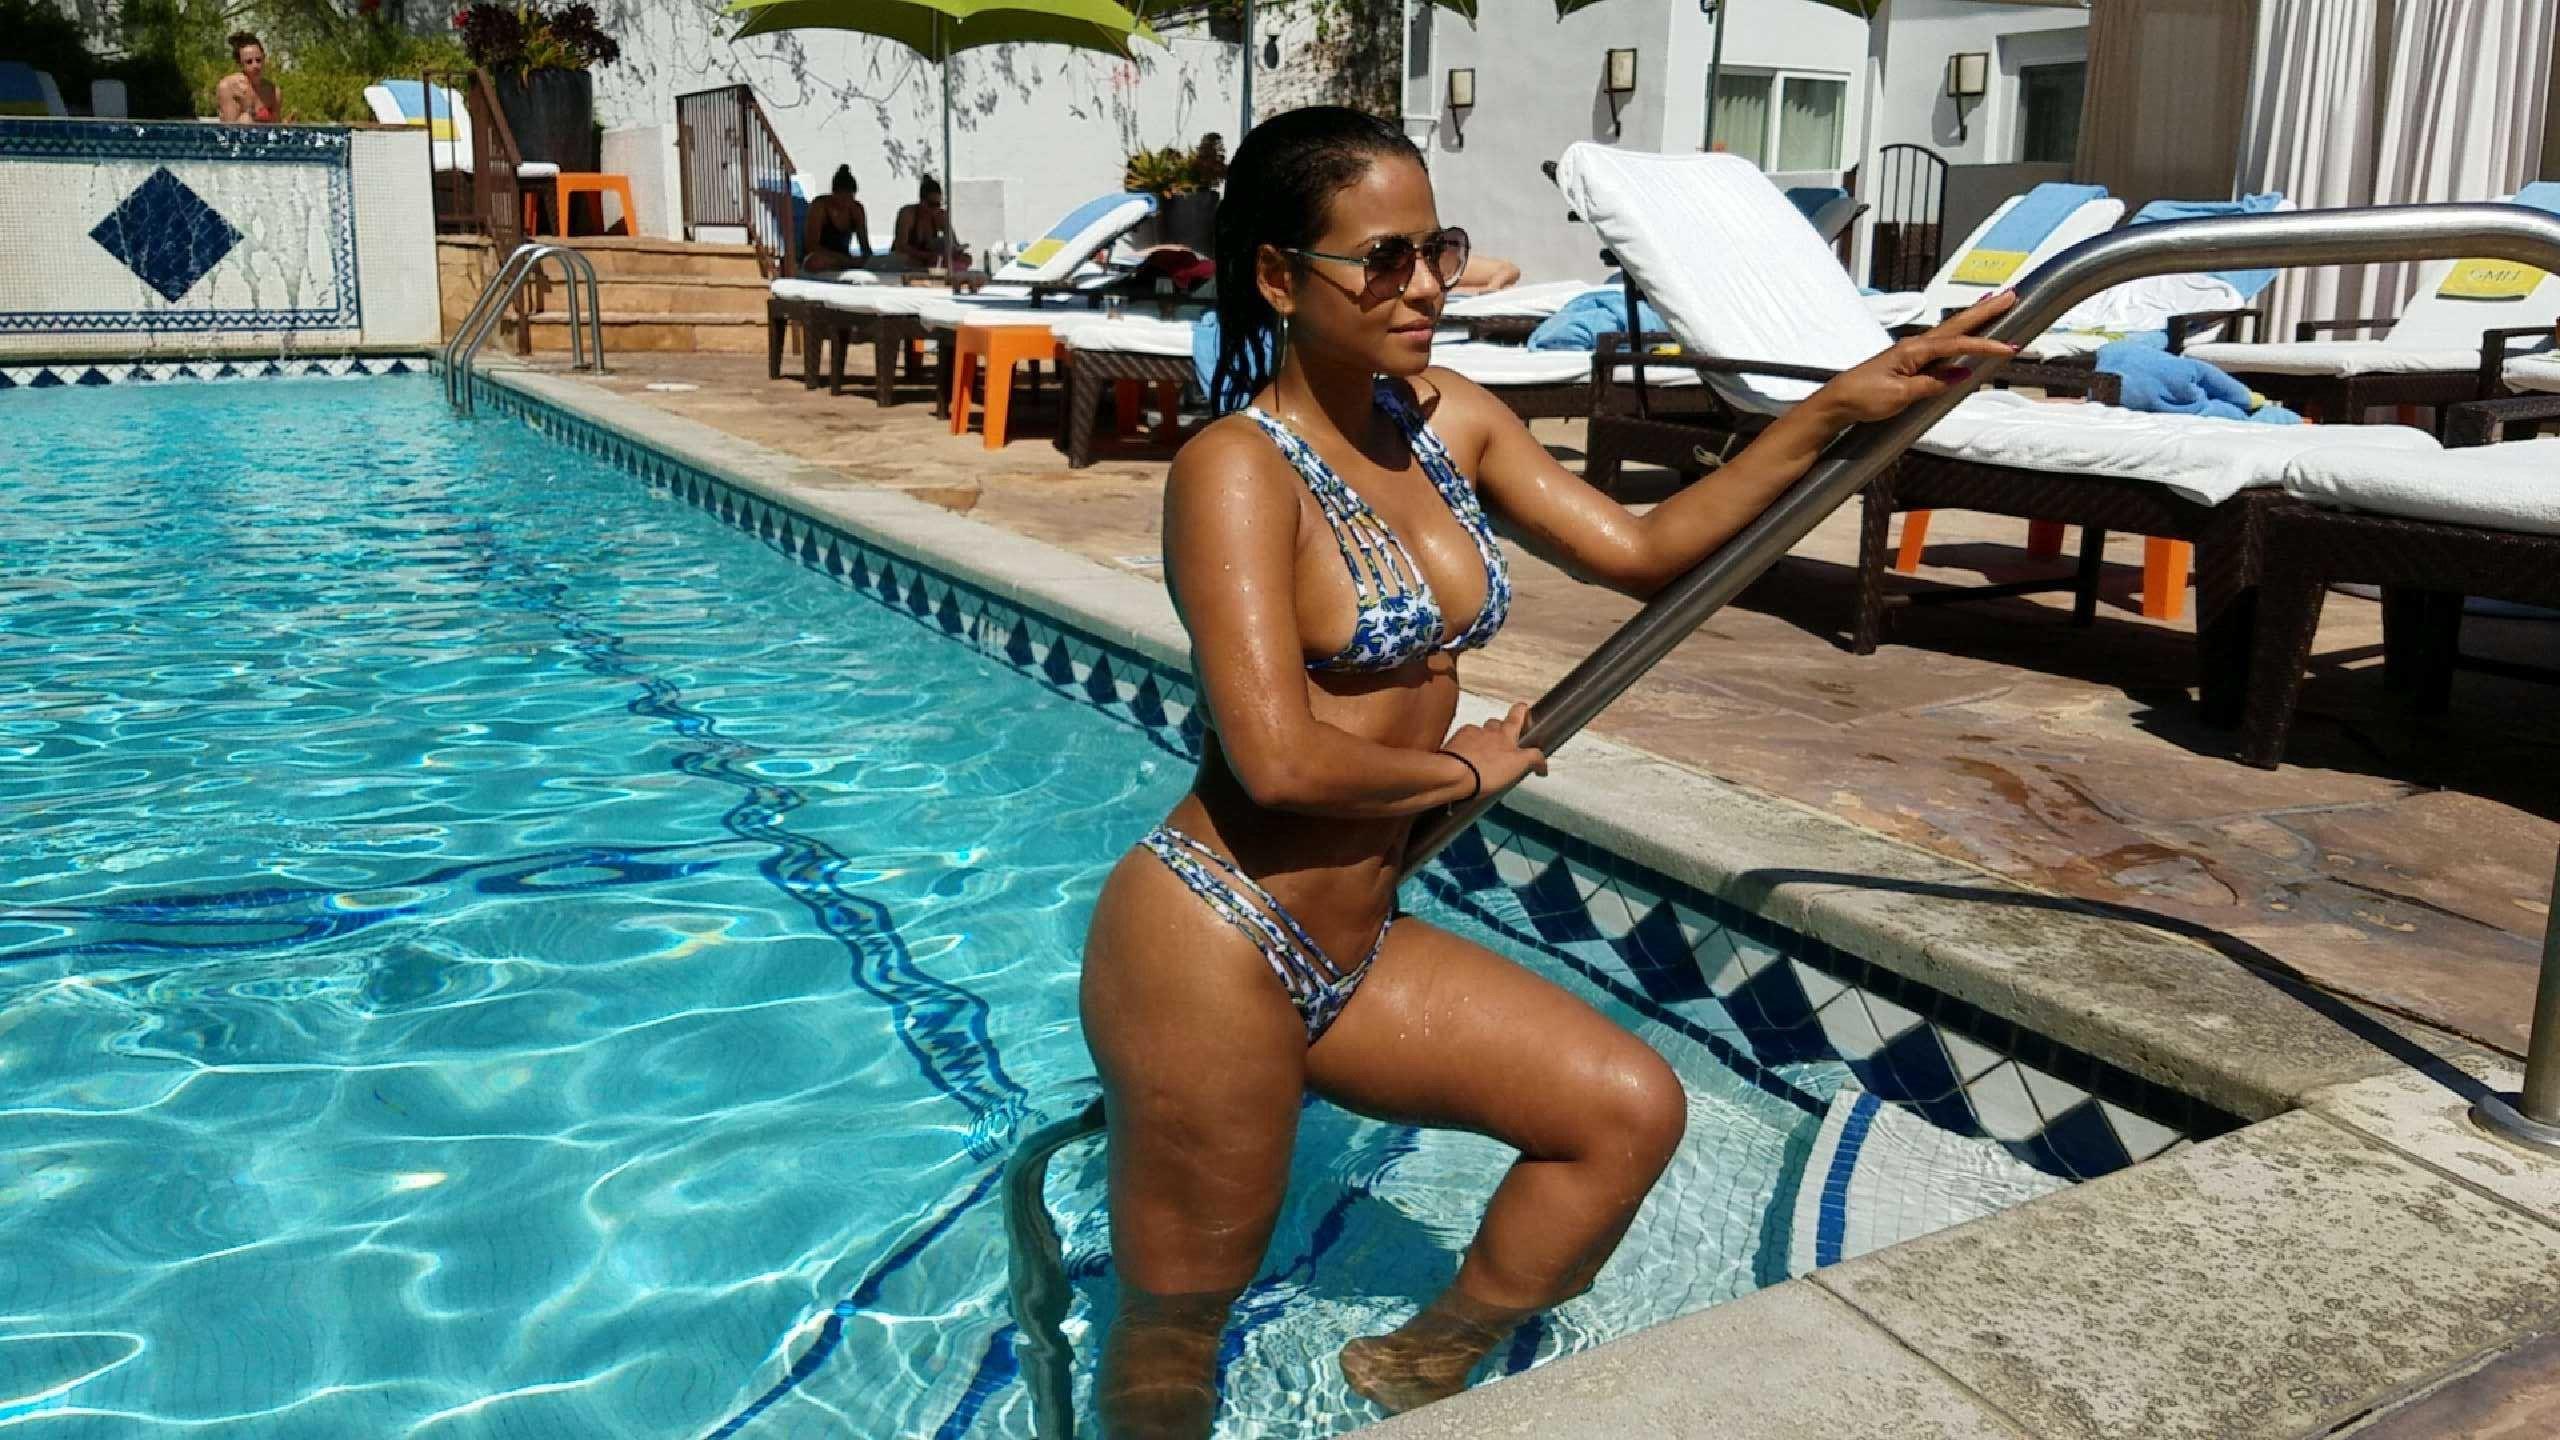 Bikini Pics Of Christina ...